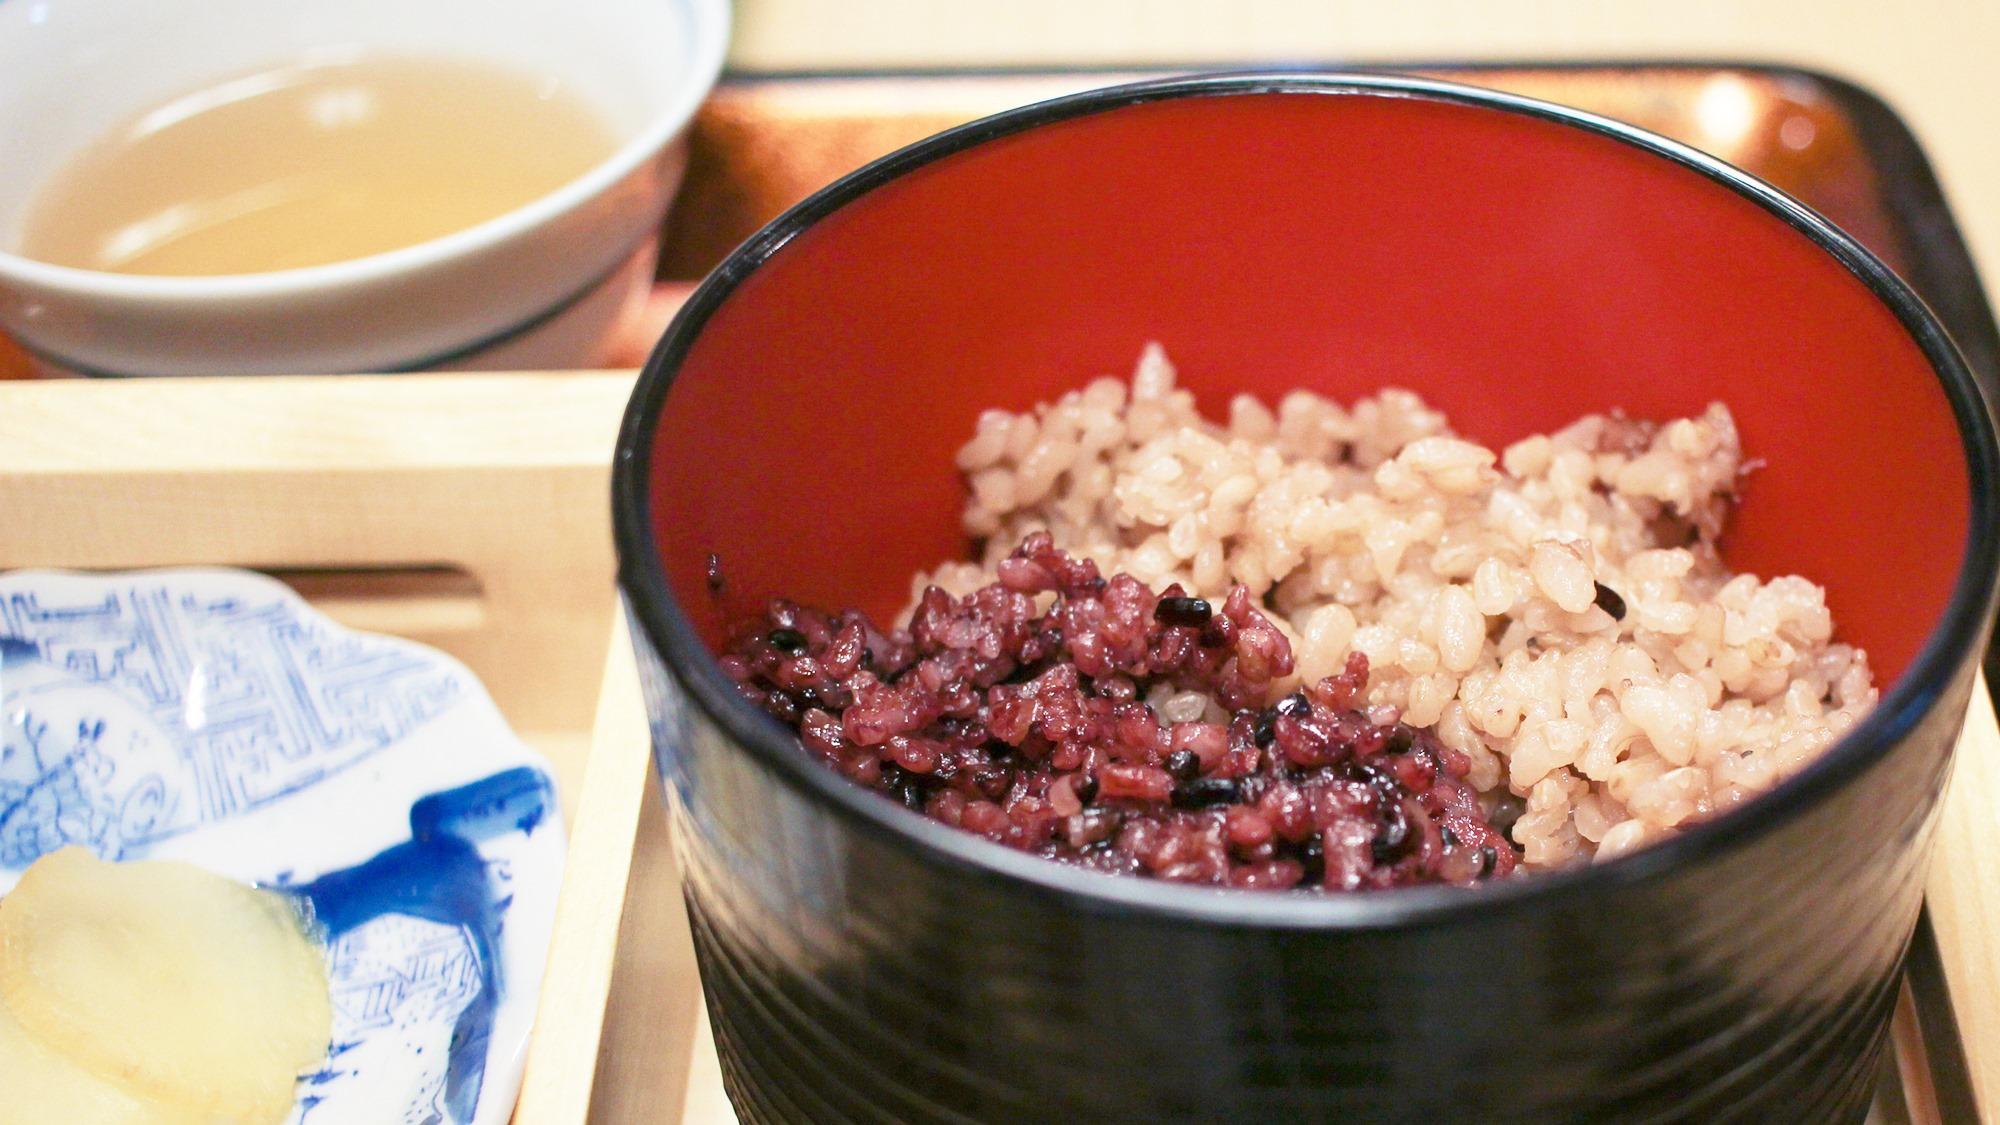 *【和朝食一例】古代米(黒米・五分づき玄米)のご飯は珍しいと評判!黒米は白米より栄養が豊富で健康的♪